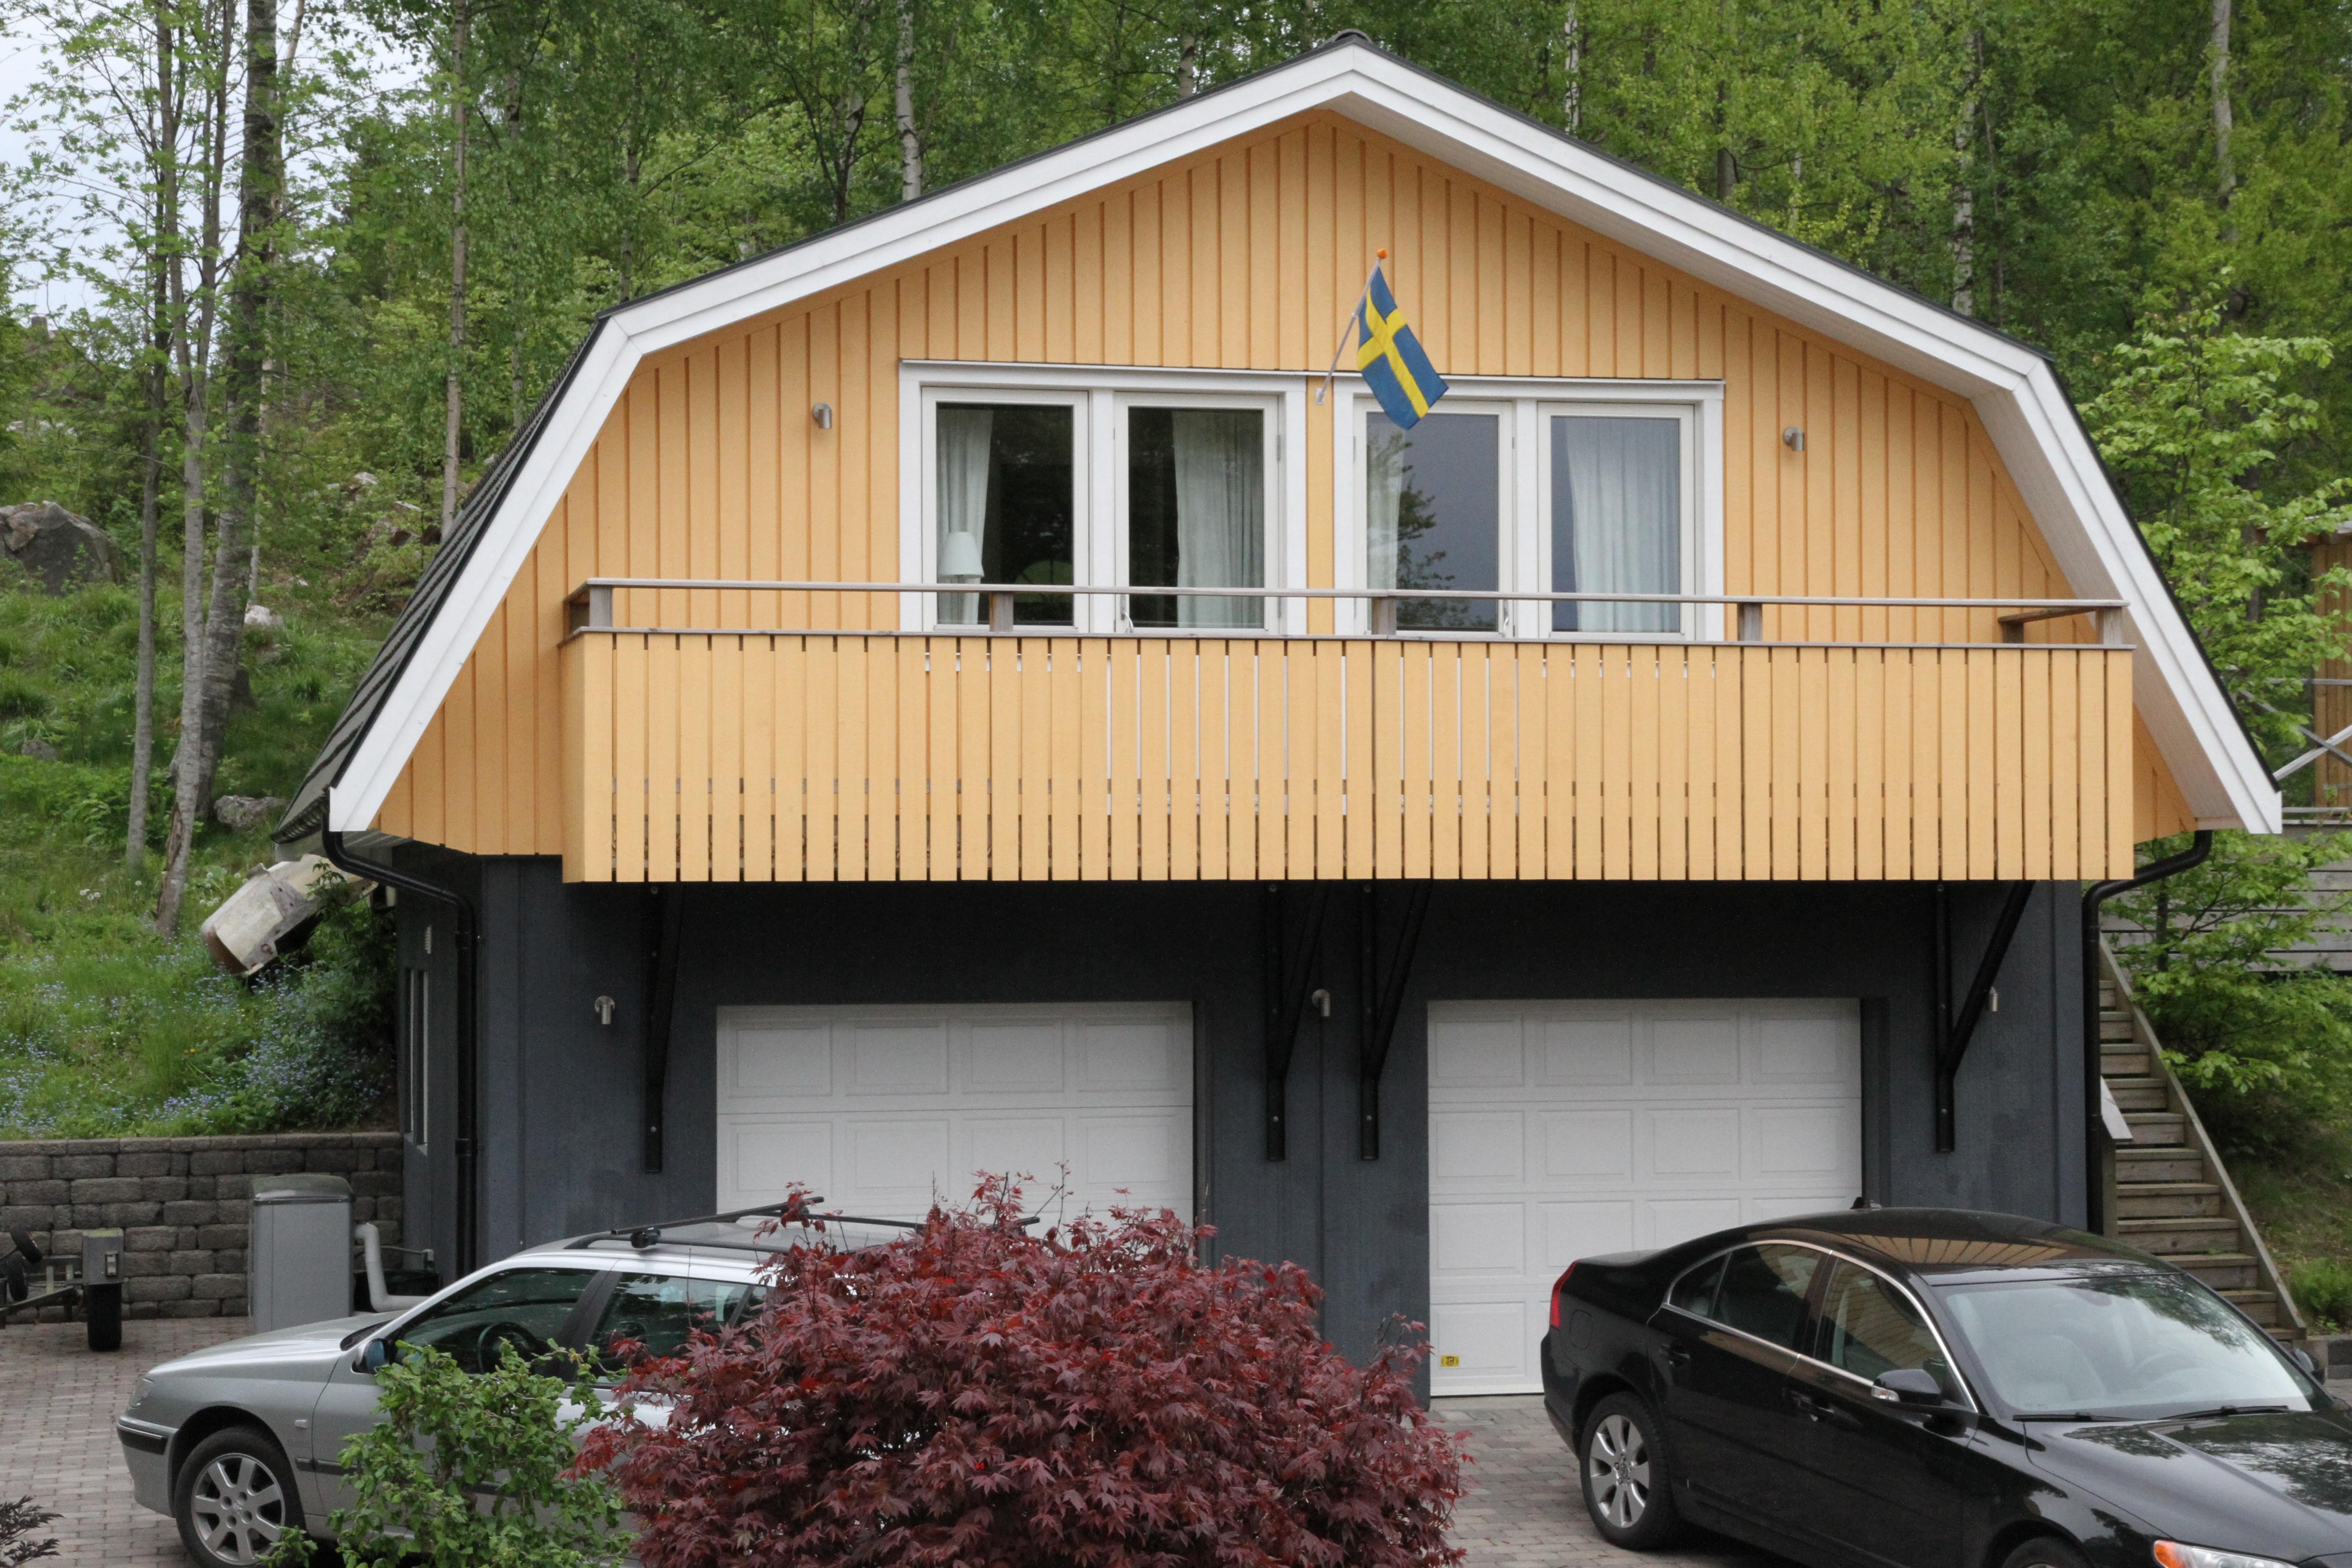 maj 18, 2014 5184 × 3456 Lägenhet och garage Sandared: http://www.hjortsbergsnickeri.se/?attachment_id=344